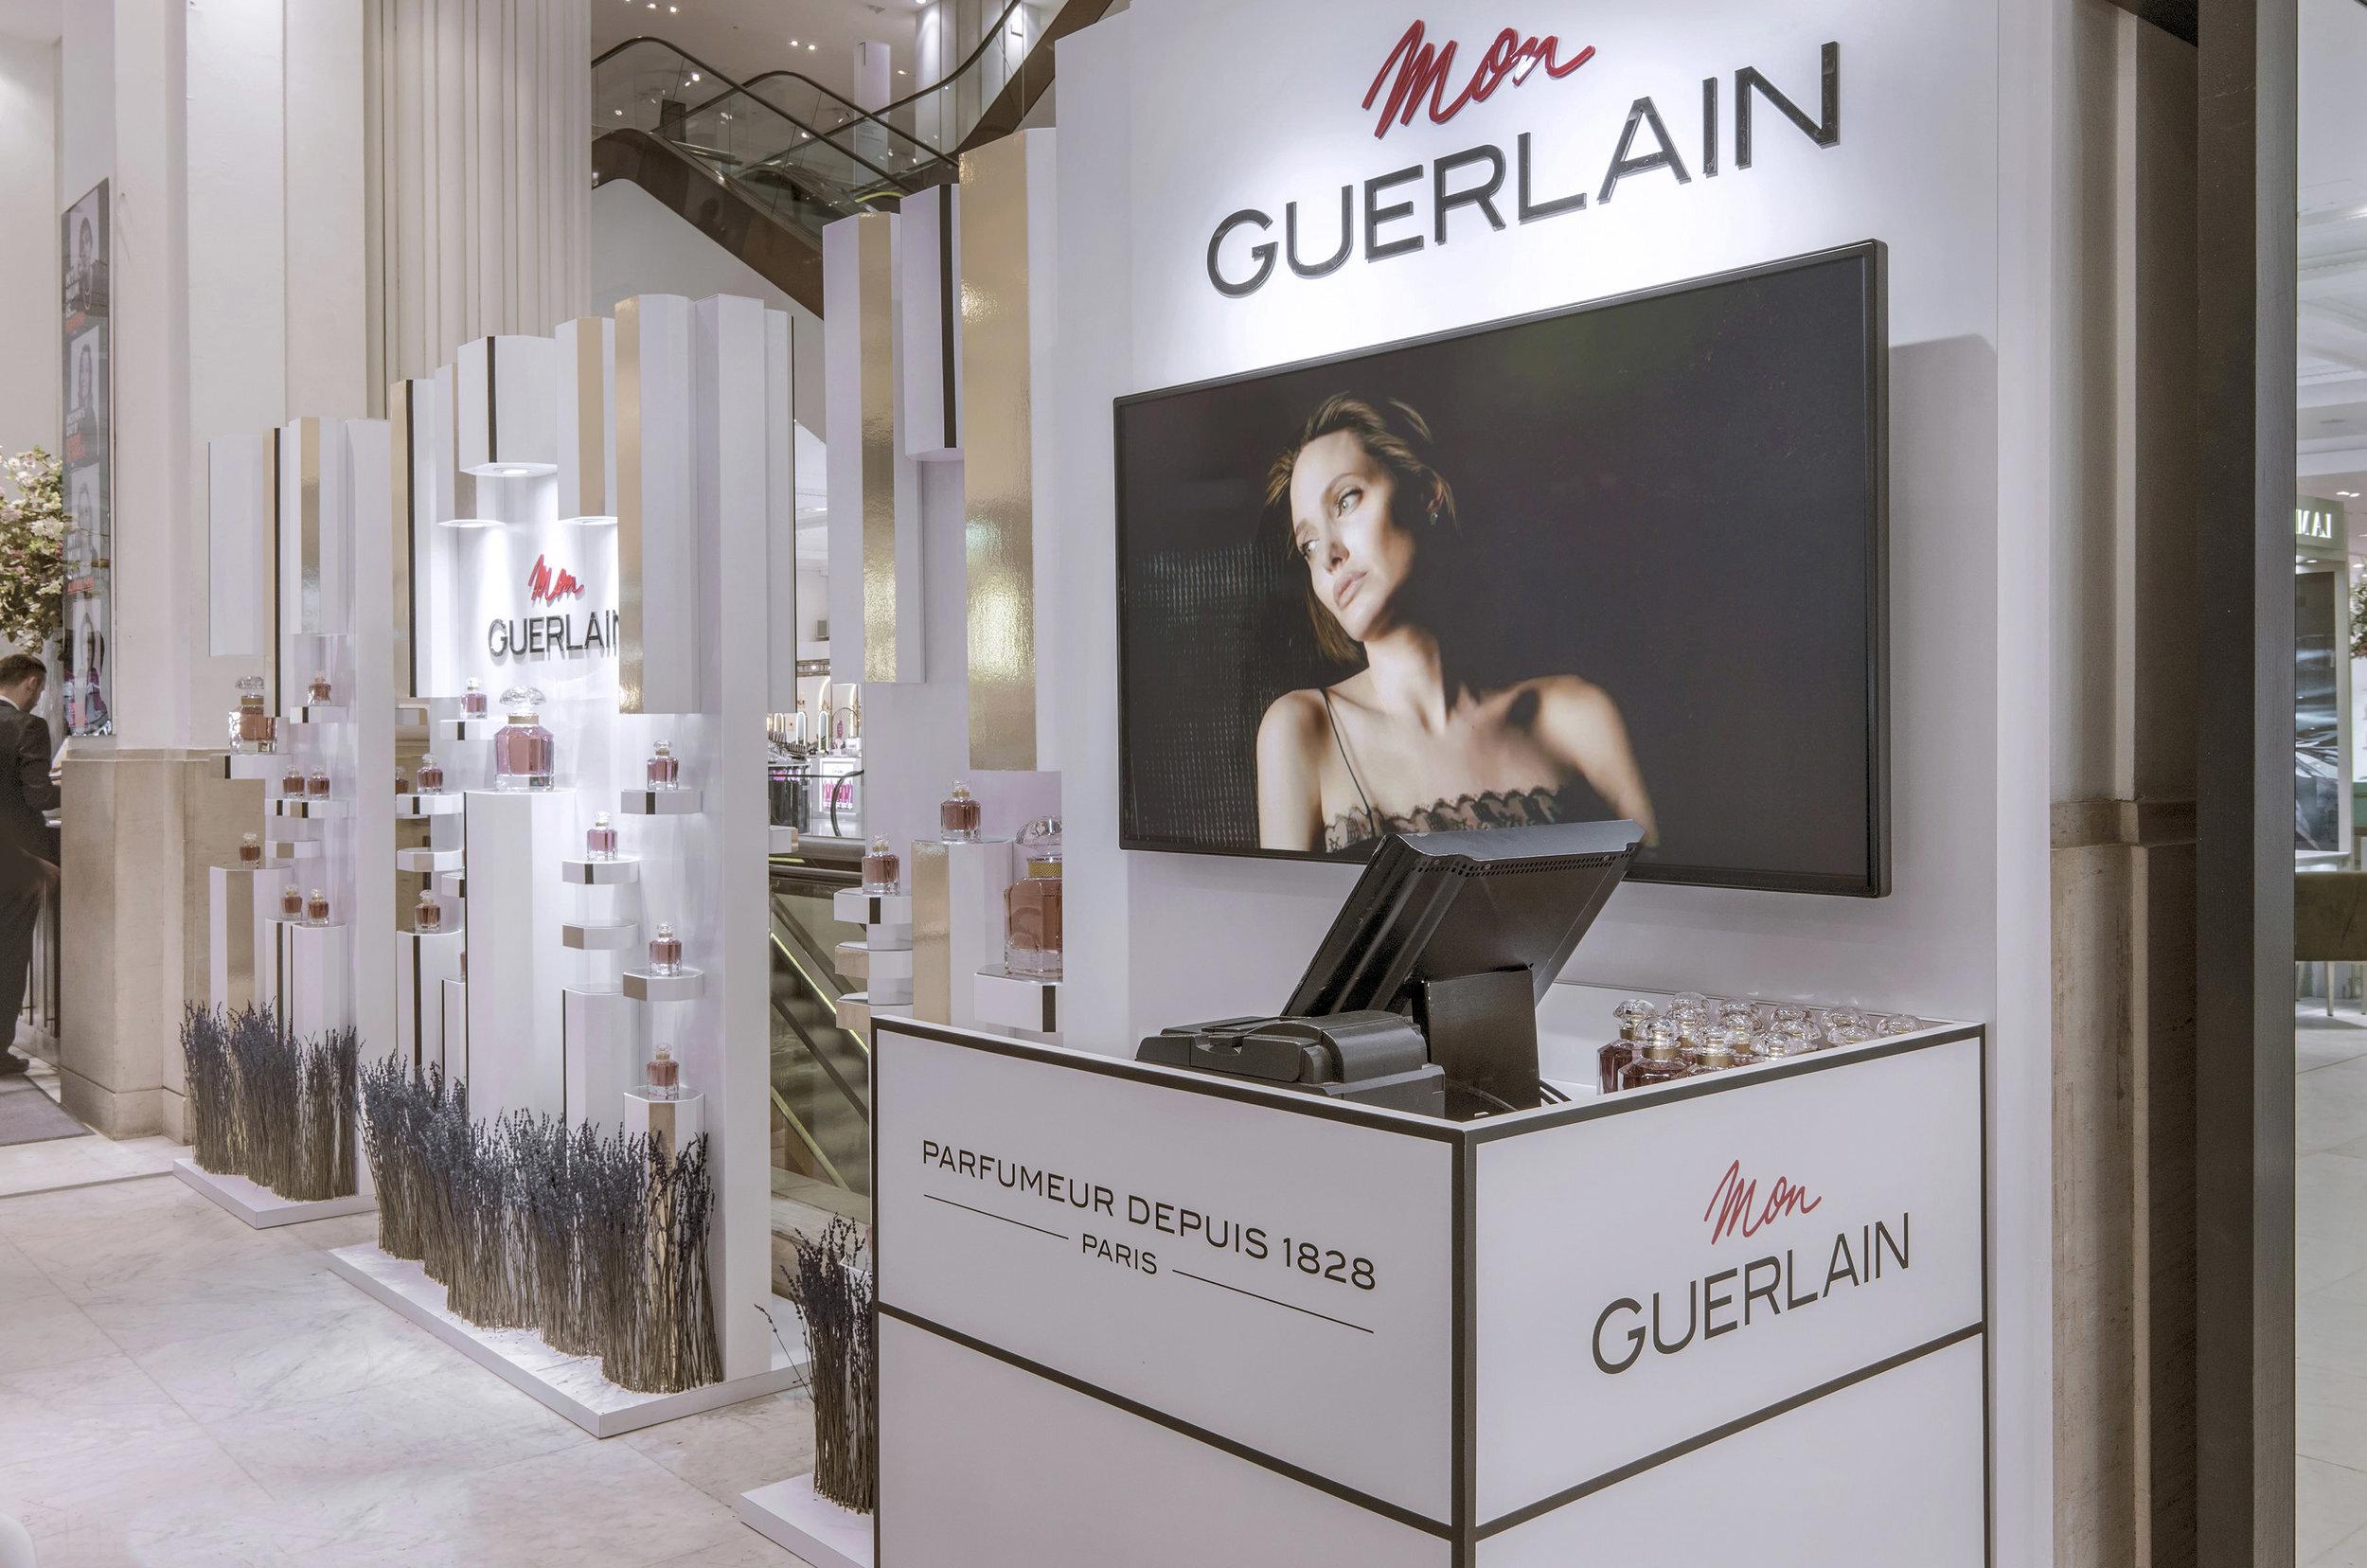 Mon+Guerlain+Selfridges+2.jpg